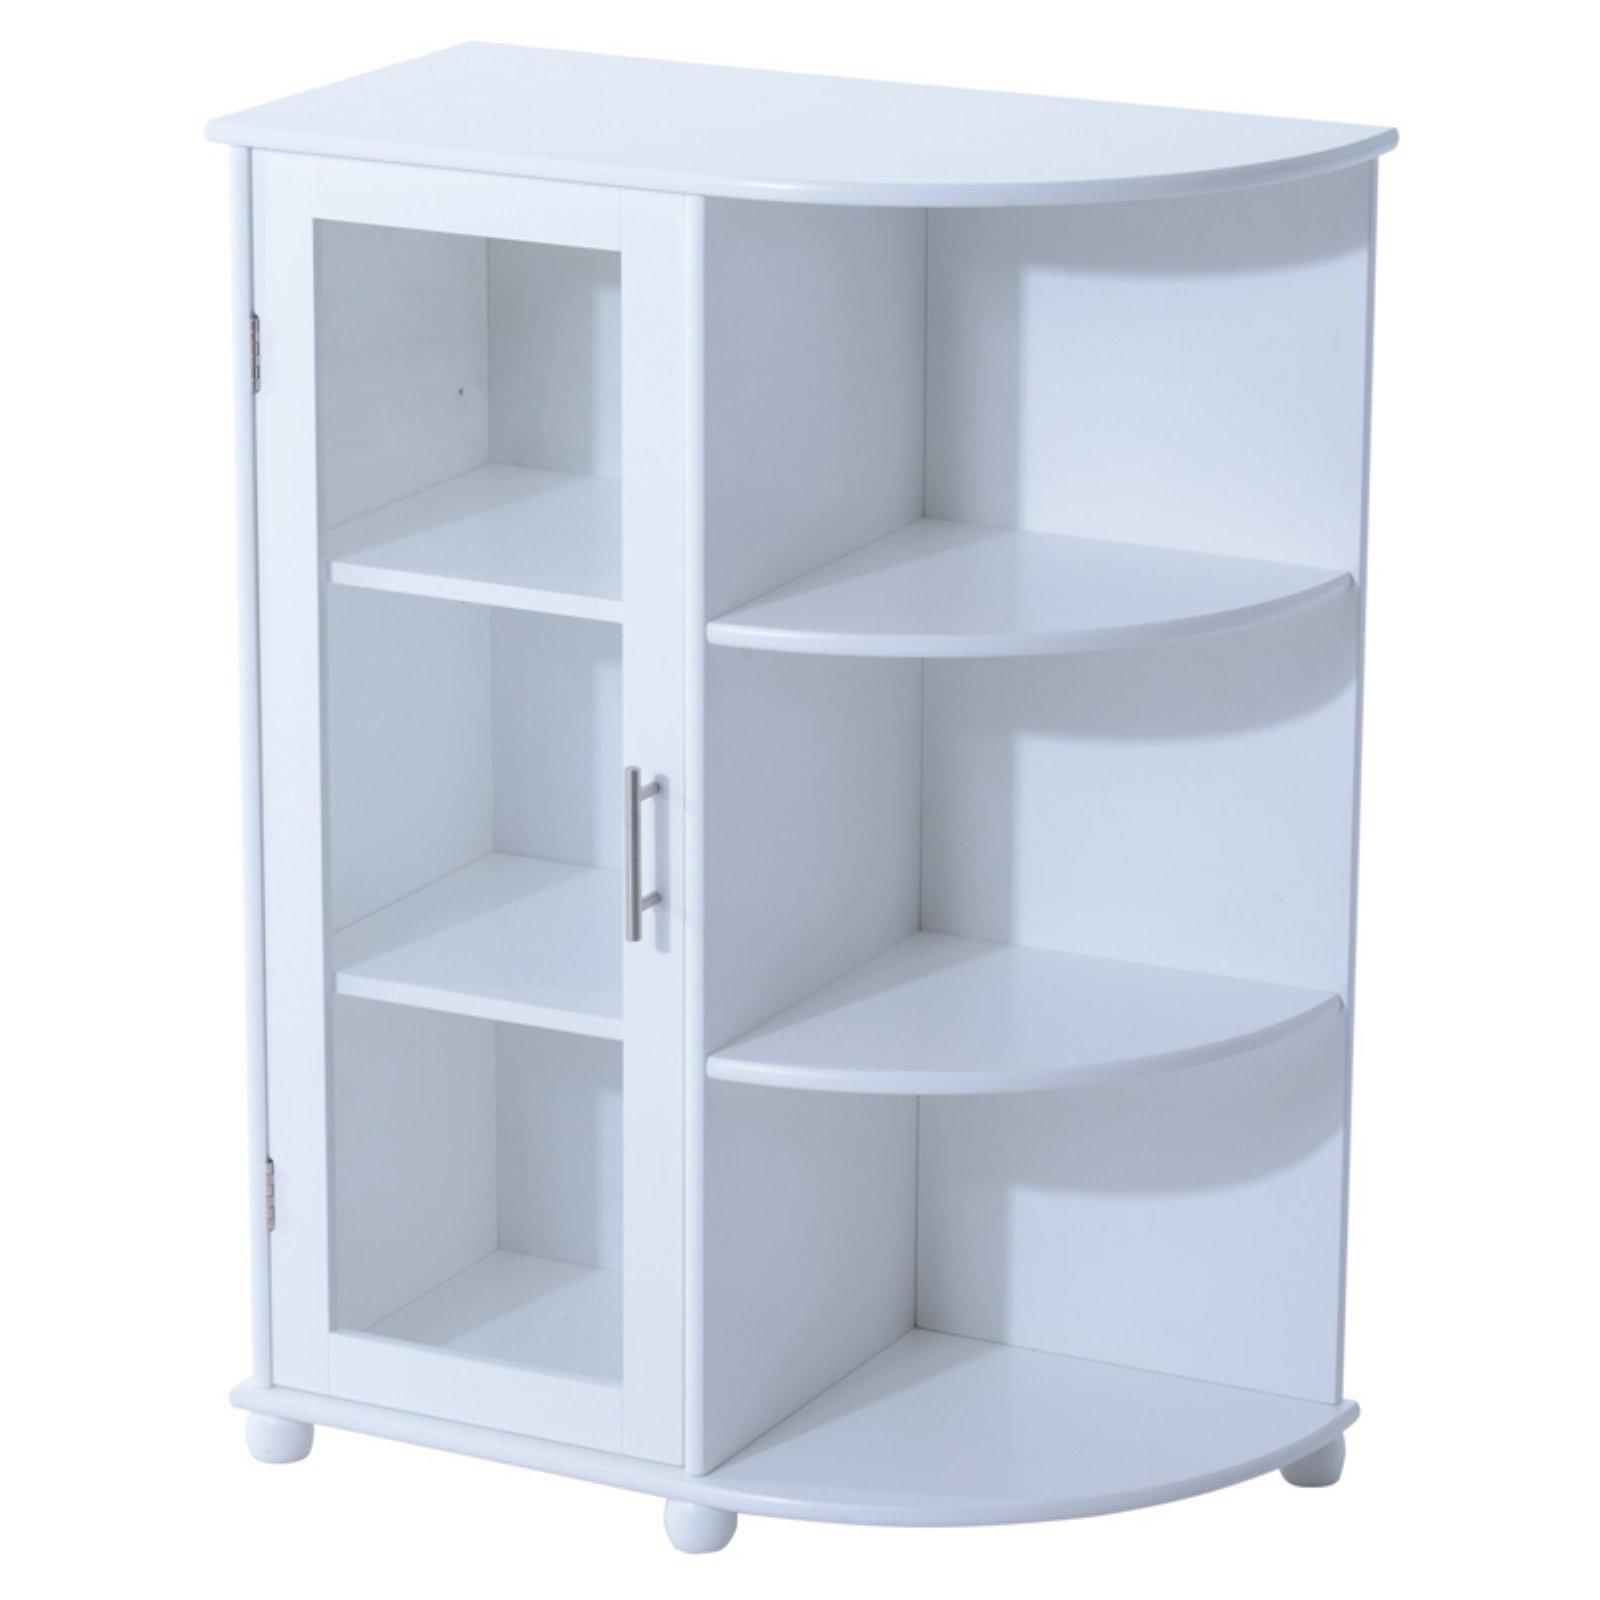 Homcom 32 In Floor Cabinet With Door And Side Shelves Shelves